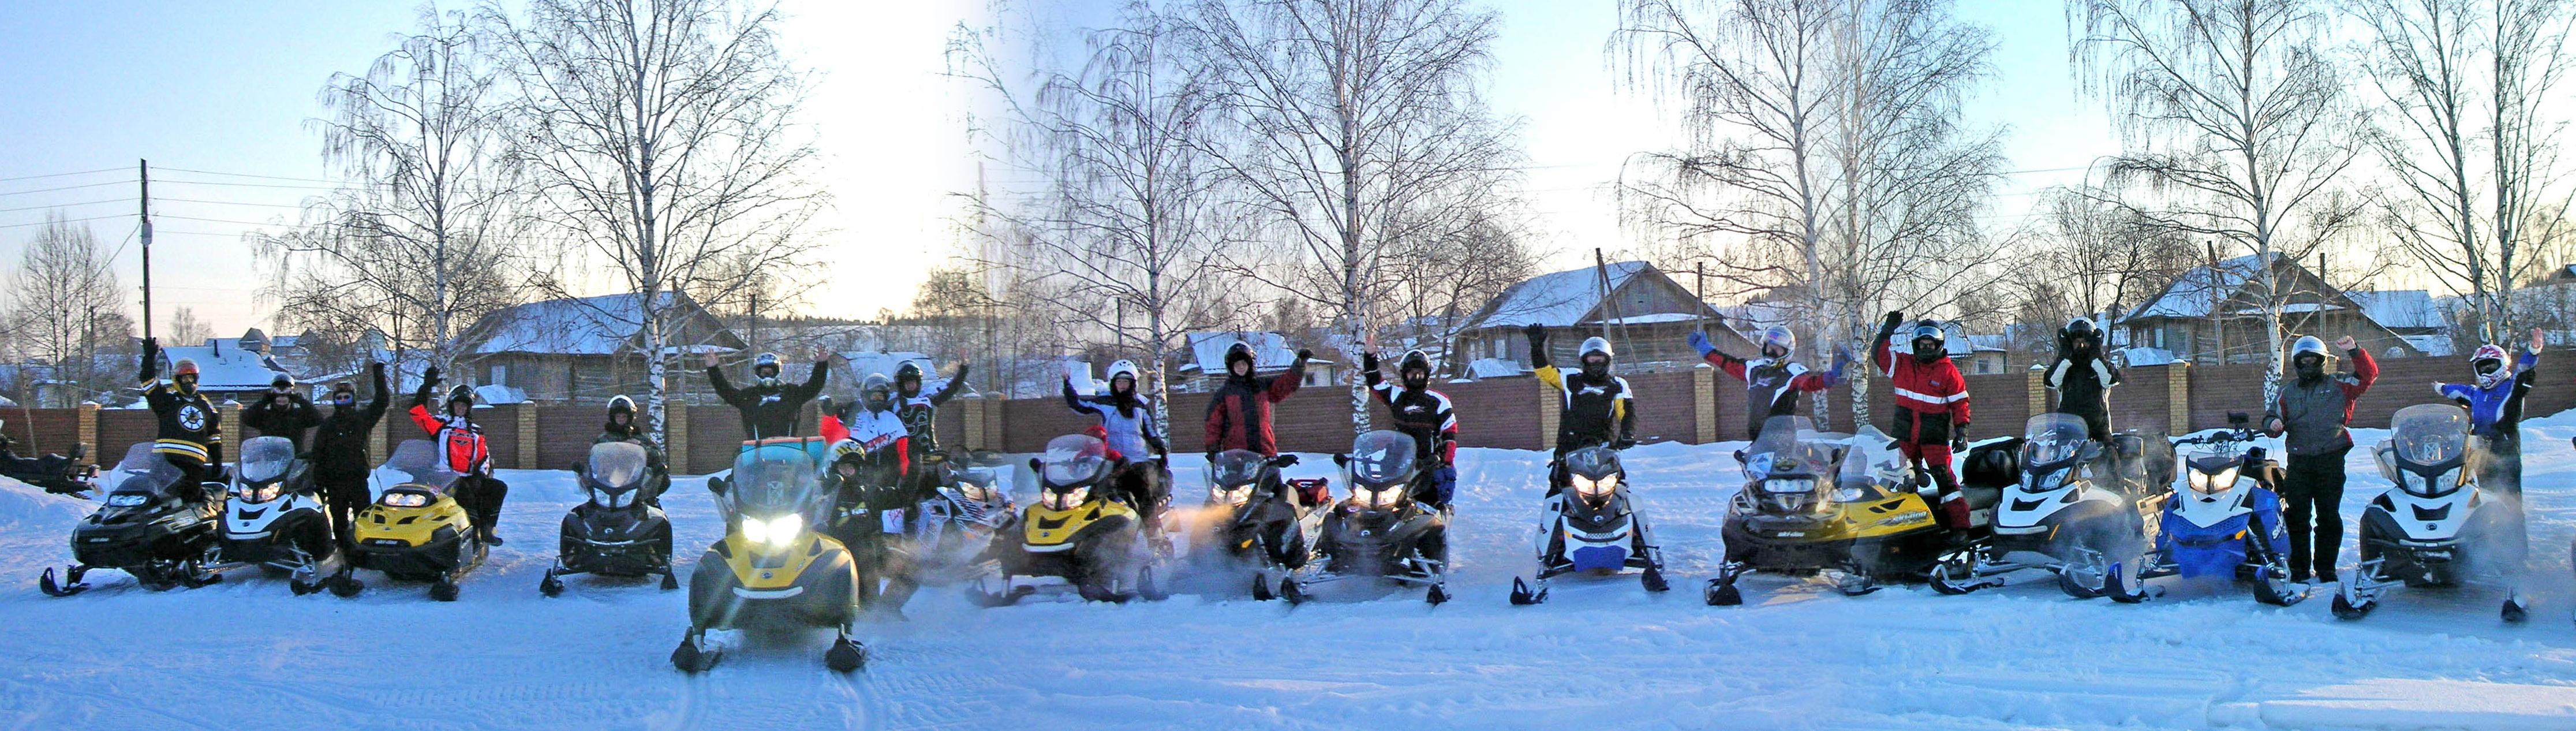 Походы и туры на снегоходах и квадроциклах